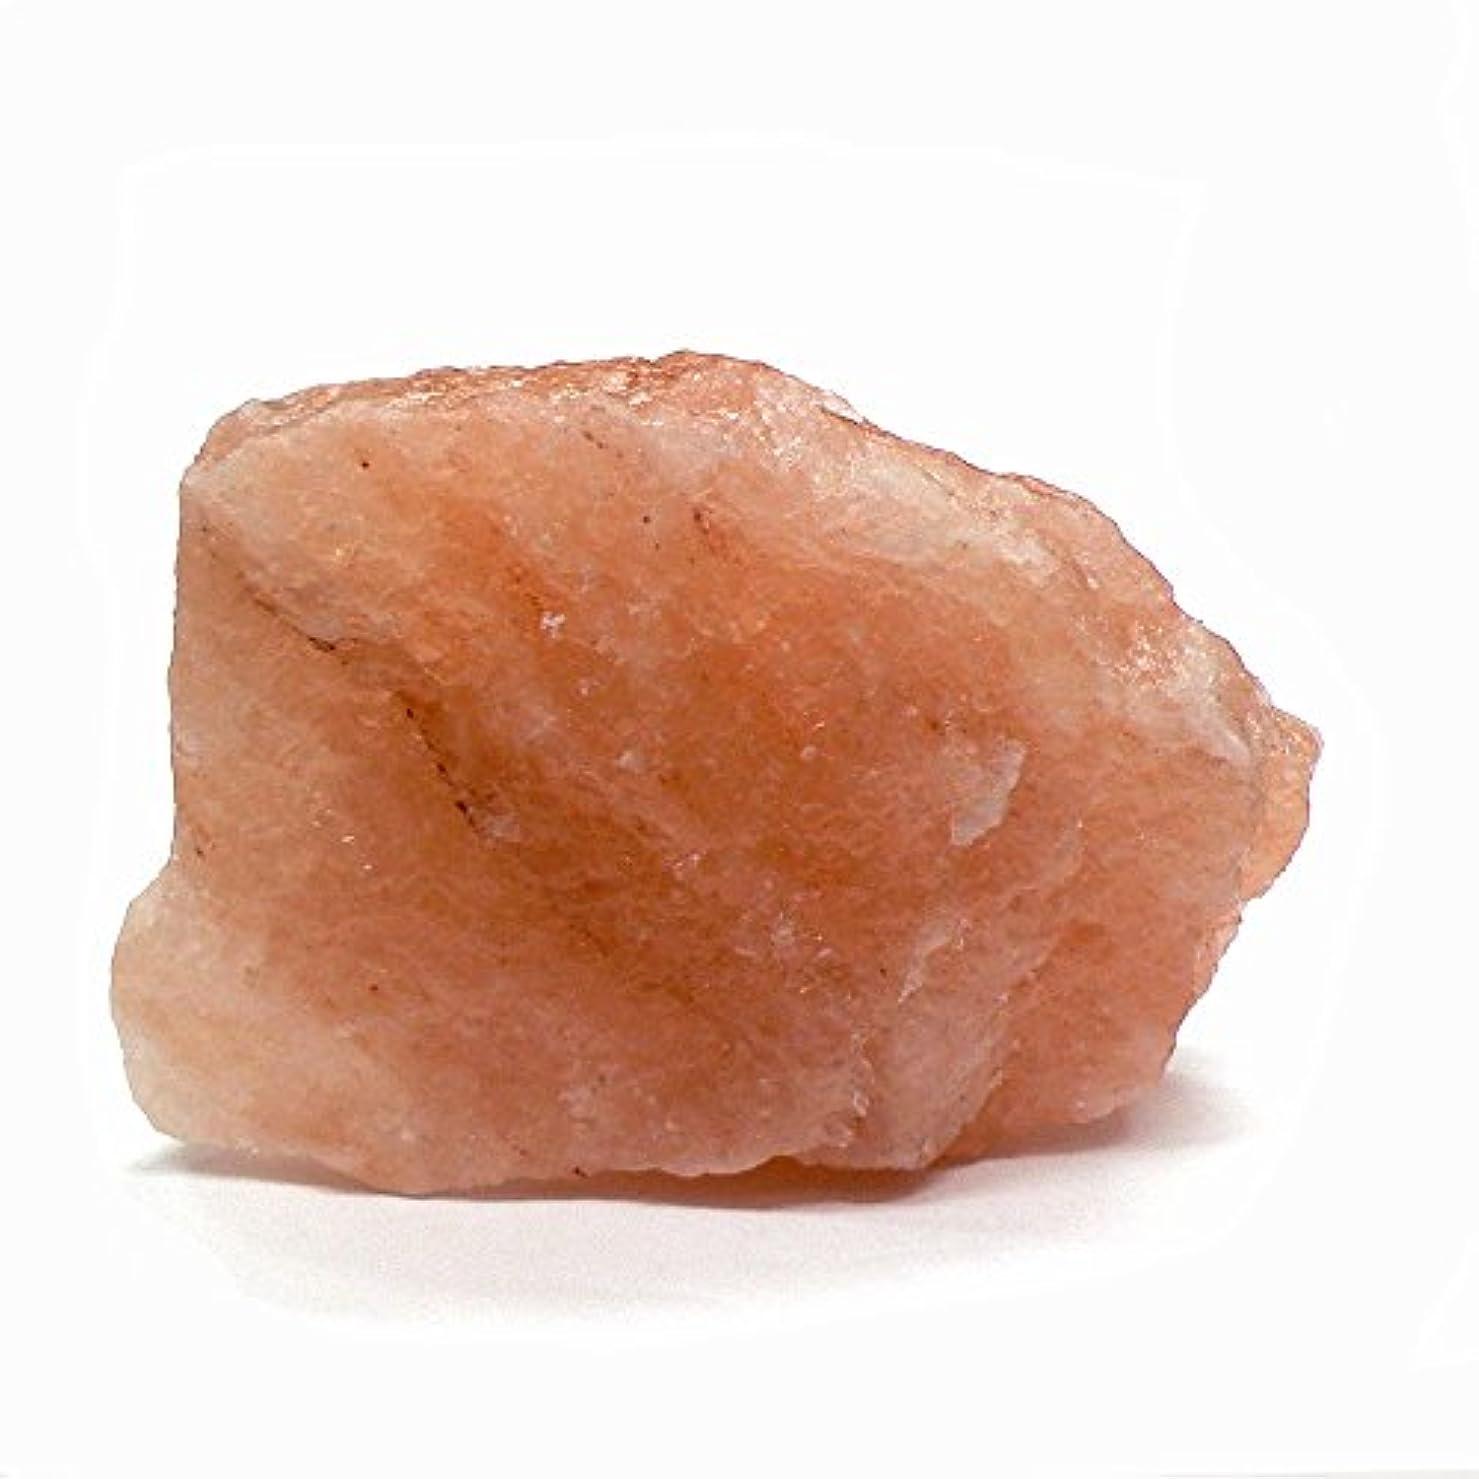 傾斜ずんぐりした名目上のヒマラヤ岩塩 ピンク岩塩 ピンクソルト 塊り(洗浄済)55 岩塩塊